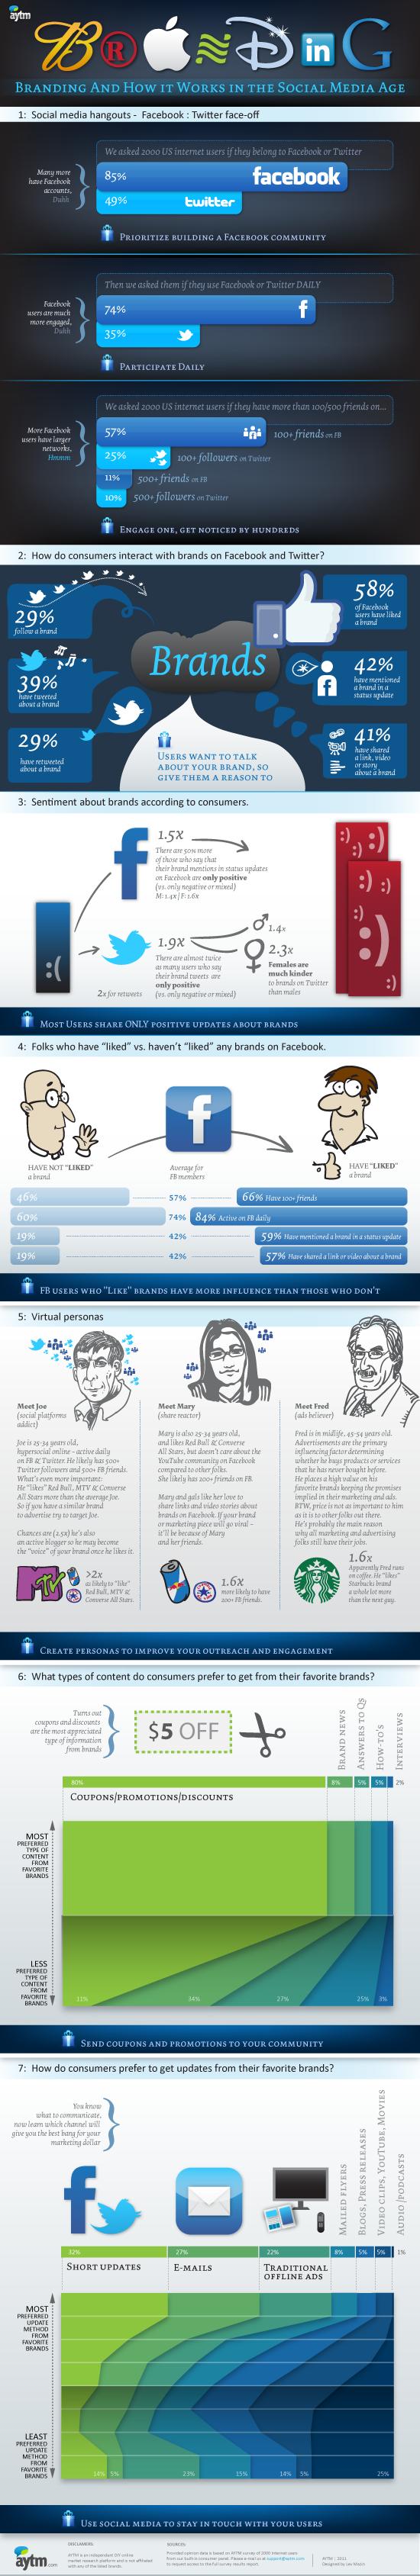 branding-and-social-media-statistics-550